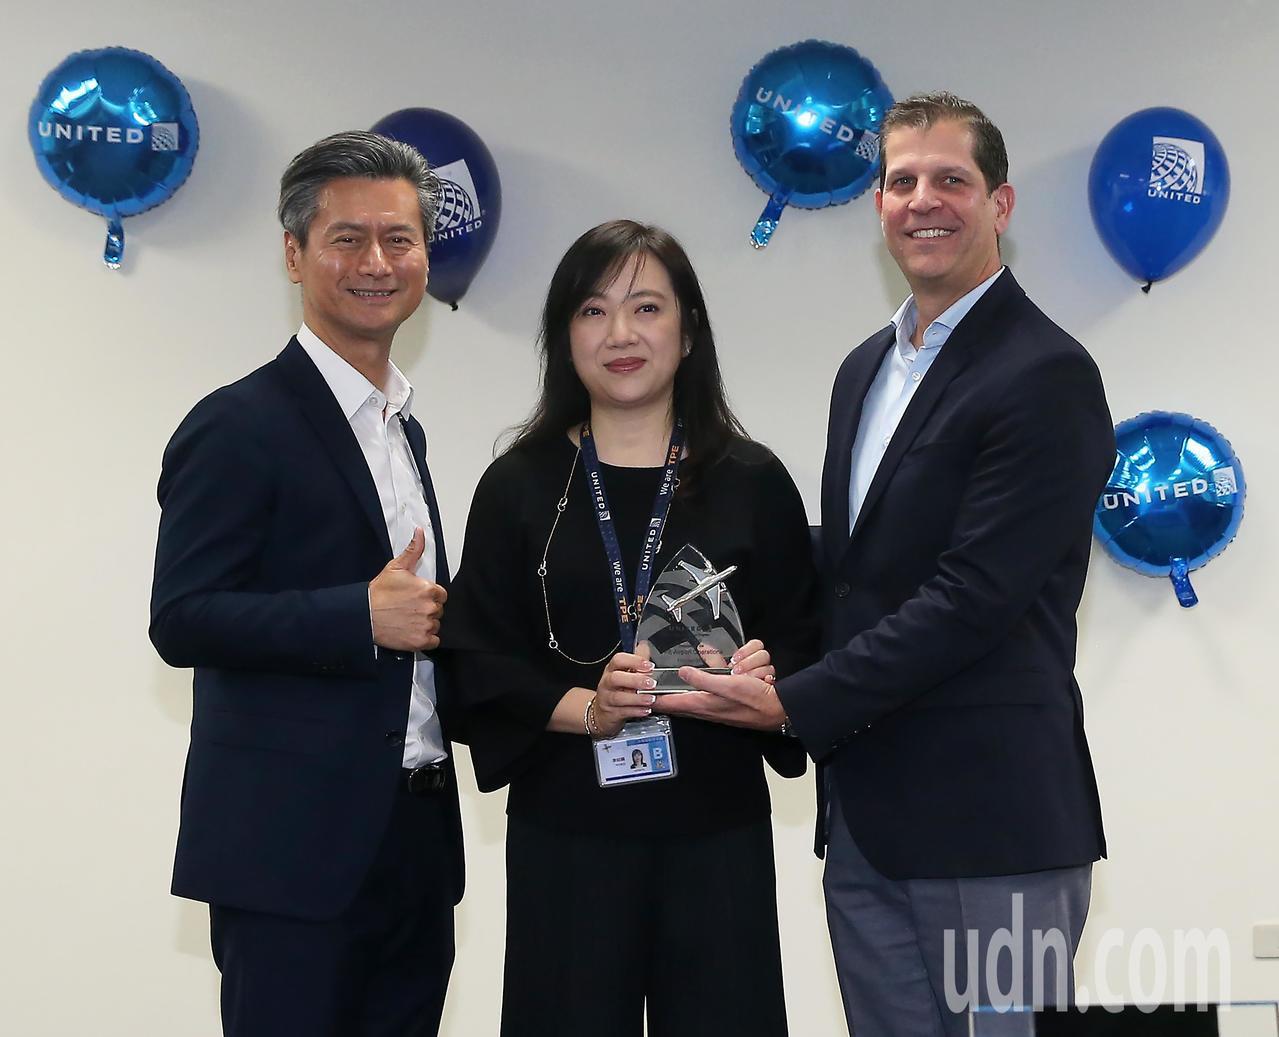 美國聯合航空公司台北站經過公司內部評比,榮獲亞洲首座安全卓越銀牌獎,聯合航空公司...